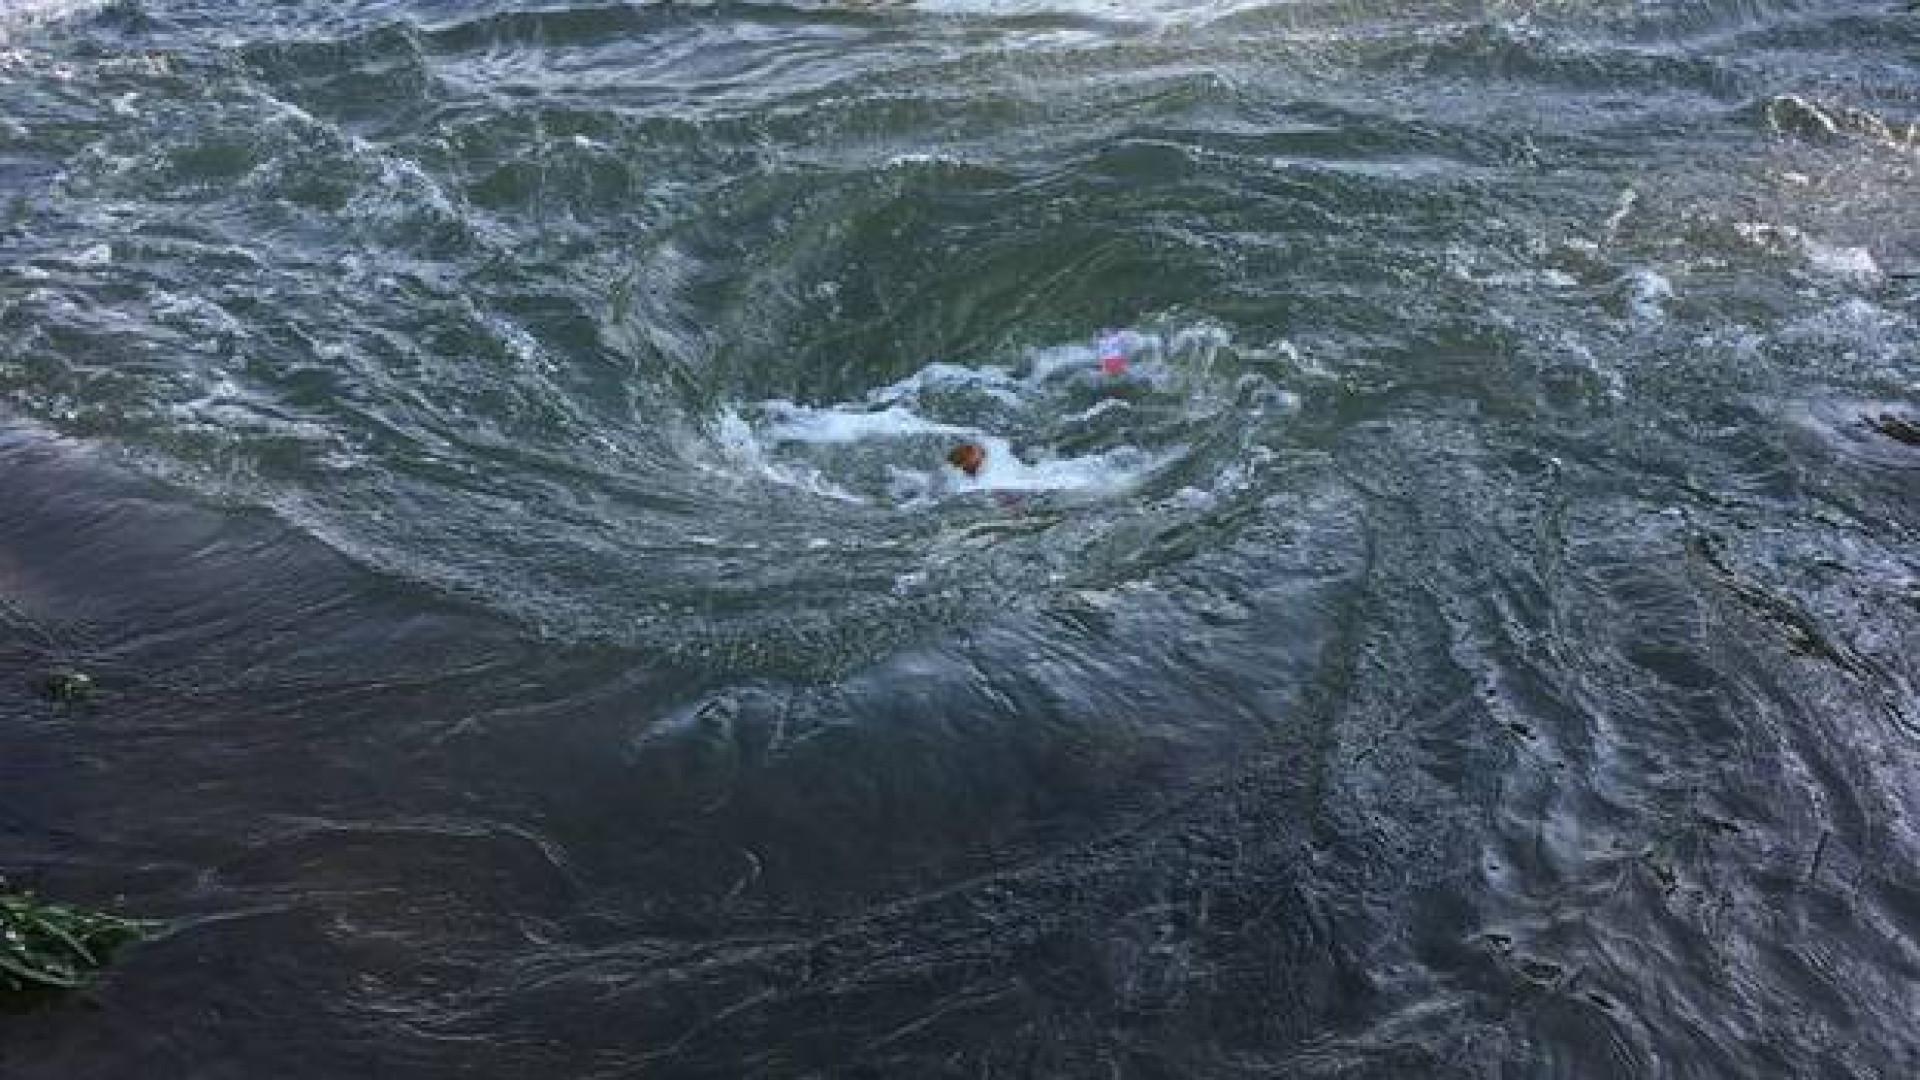 Homem morre no rio depois de dolina ter formado redemoinho na água